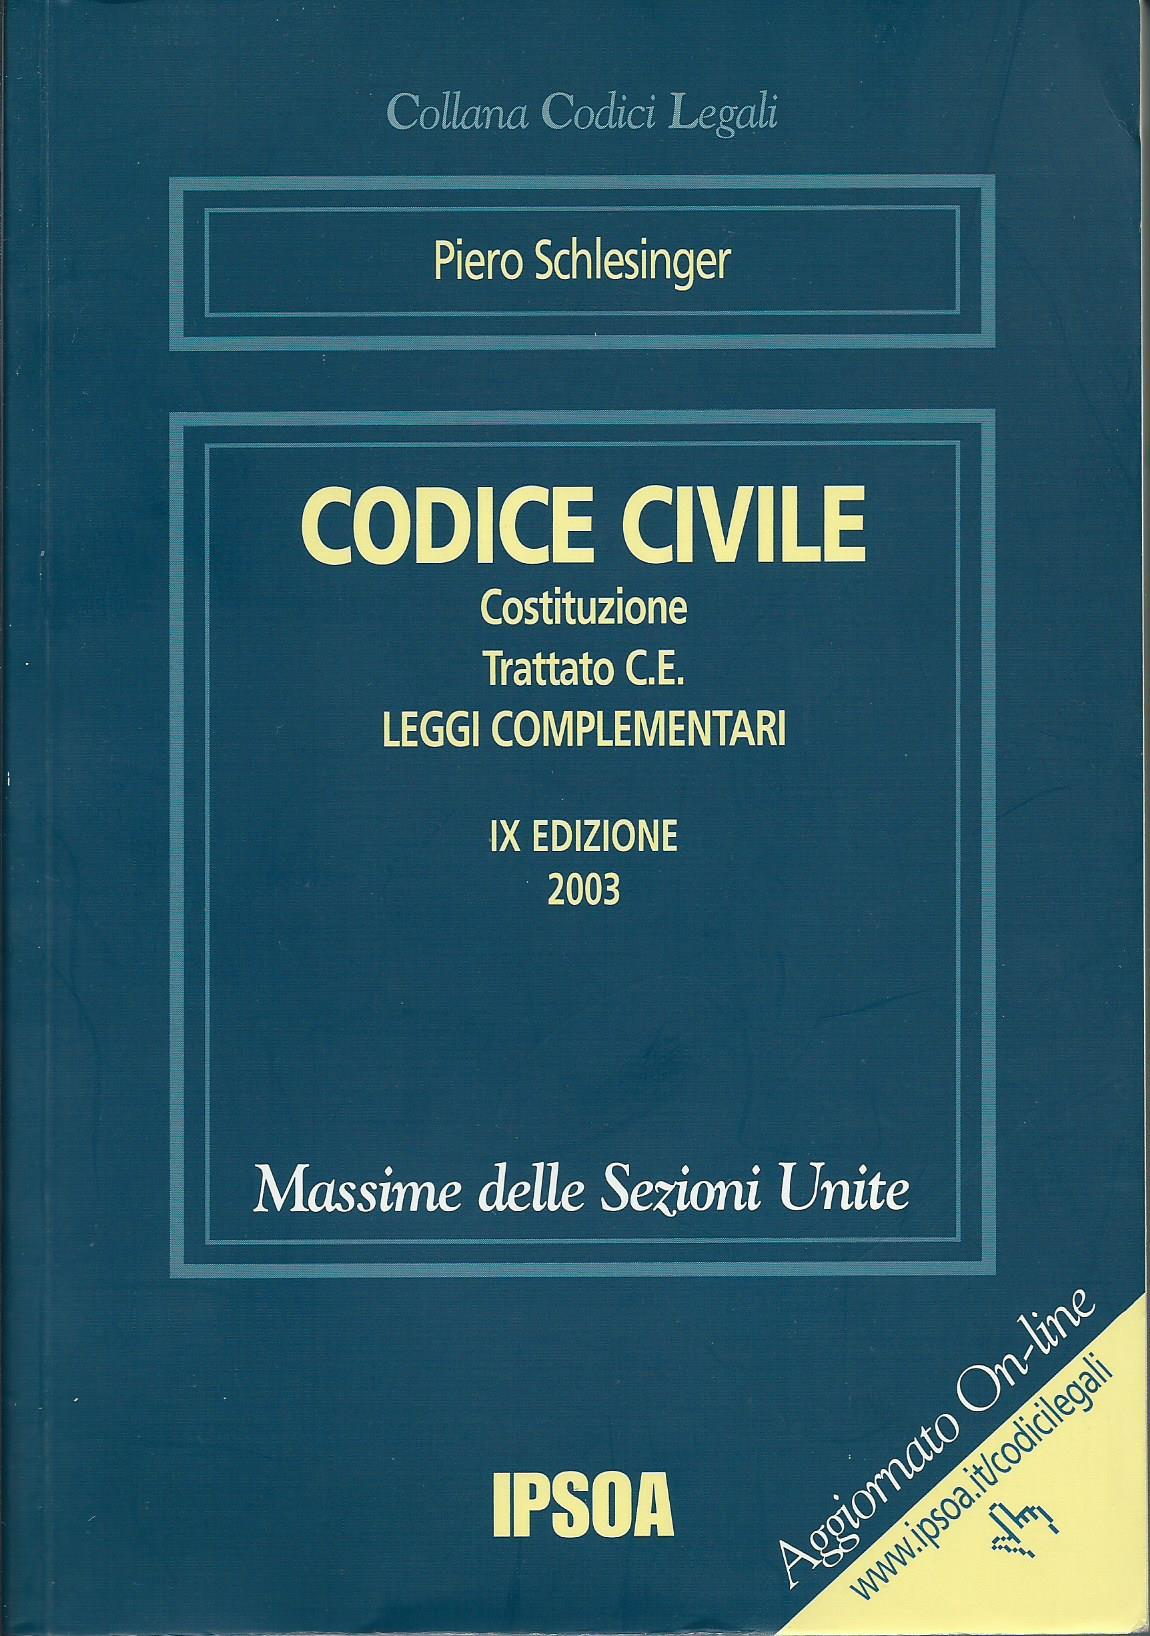 Codice civile, costituzione, trattato C.E., leggi complementari